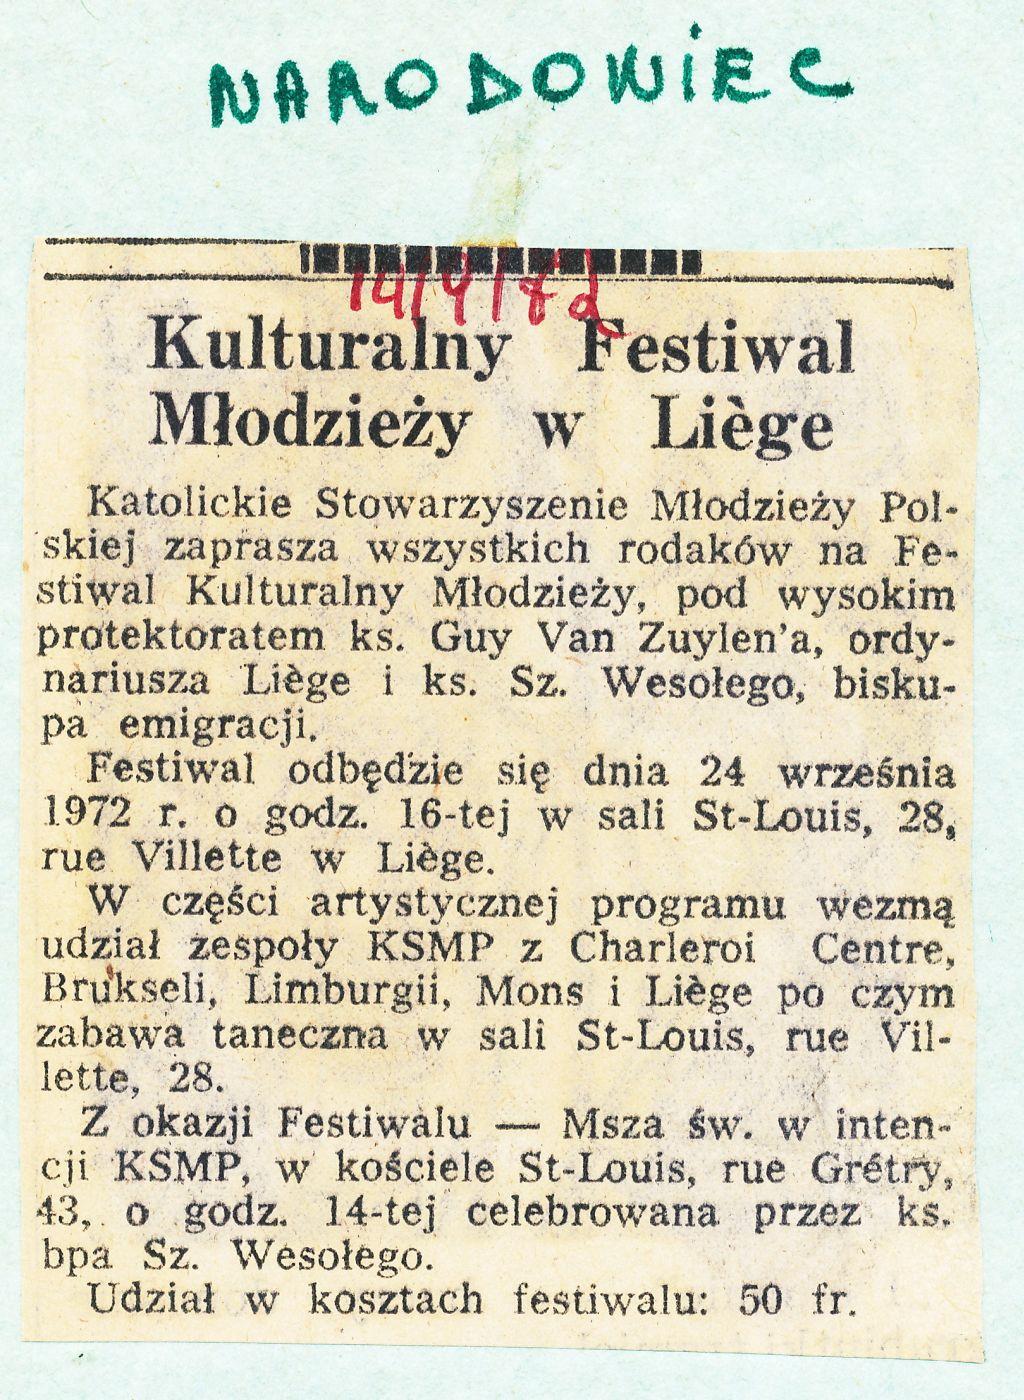 2422_Narodowiec_1972_09_14